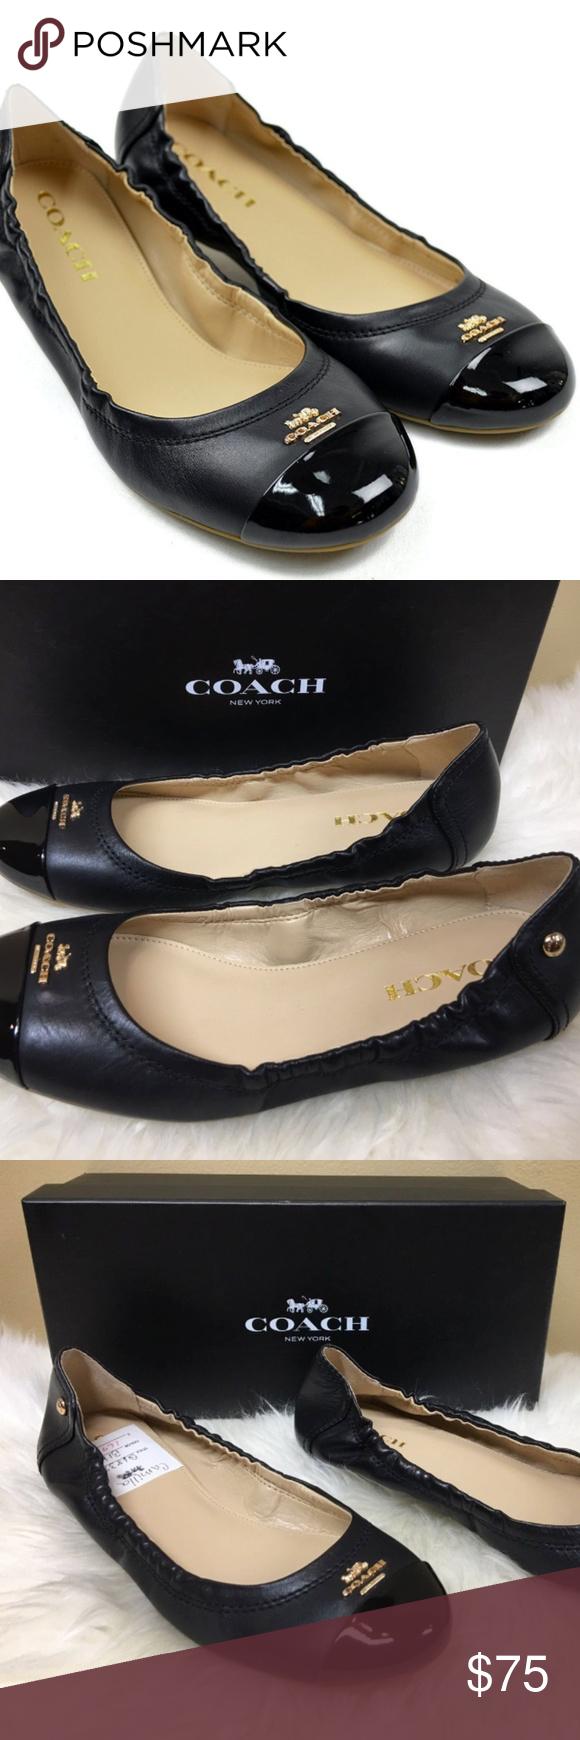 New! Coach Camilla Patent Ballet Flats